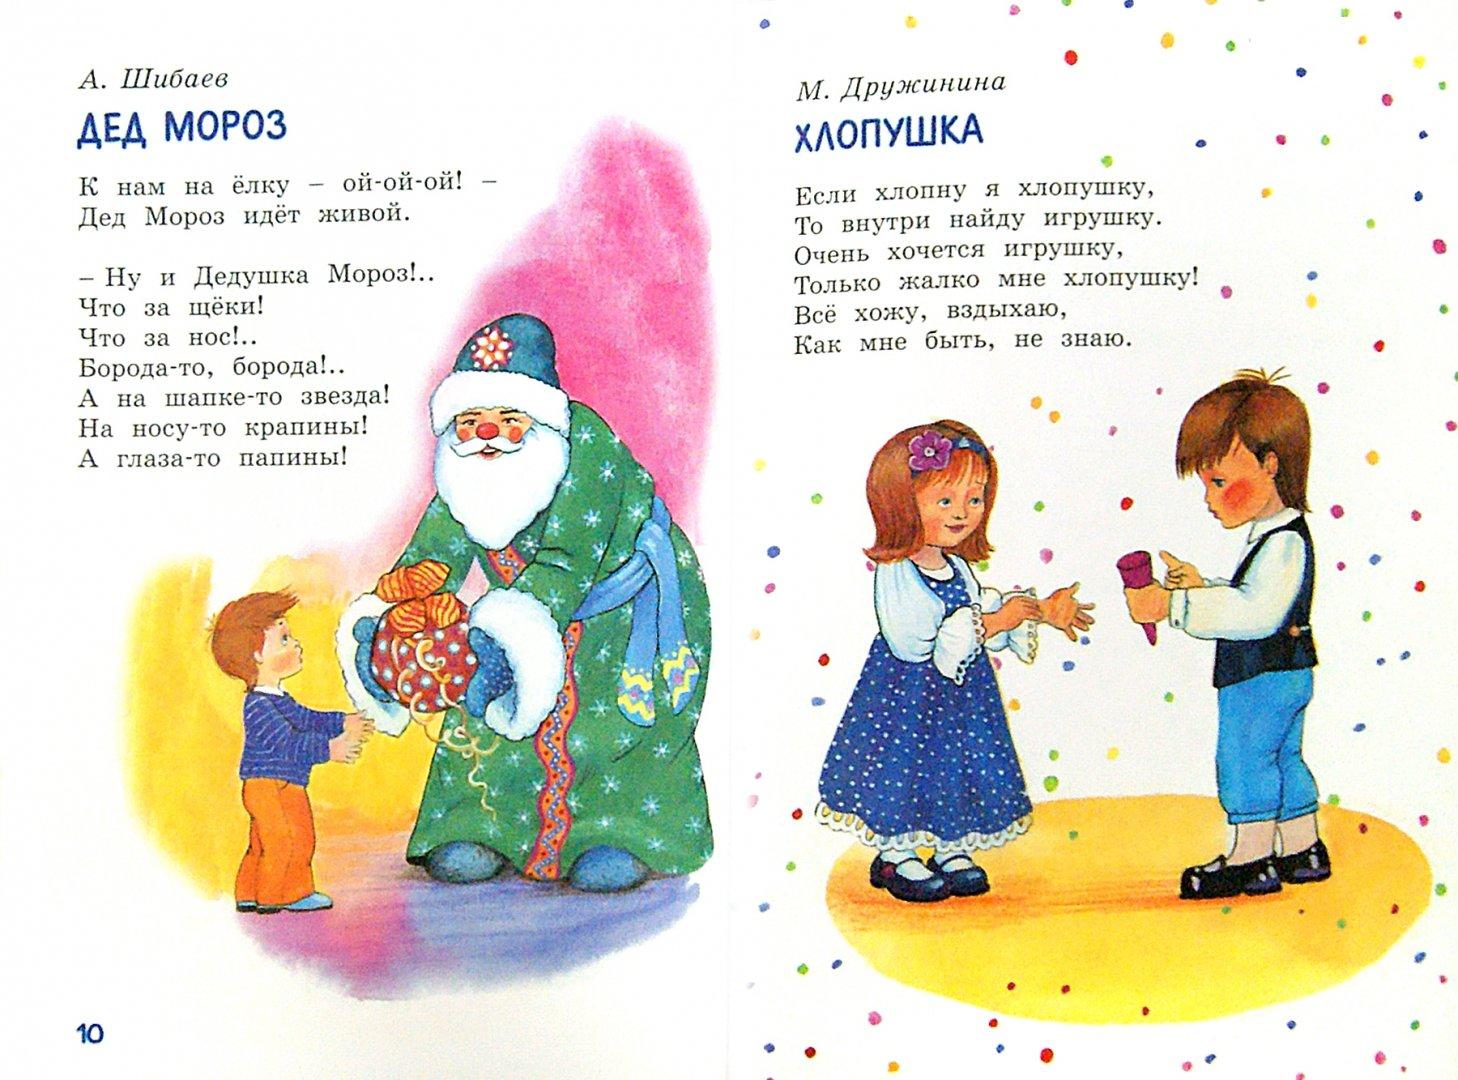 Иллюстрация 1 из 2 для Новогодний маскарад - Пивоварова, Лагздынь, Синявский | Лабиринт - книги. Источник: Лабиринт